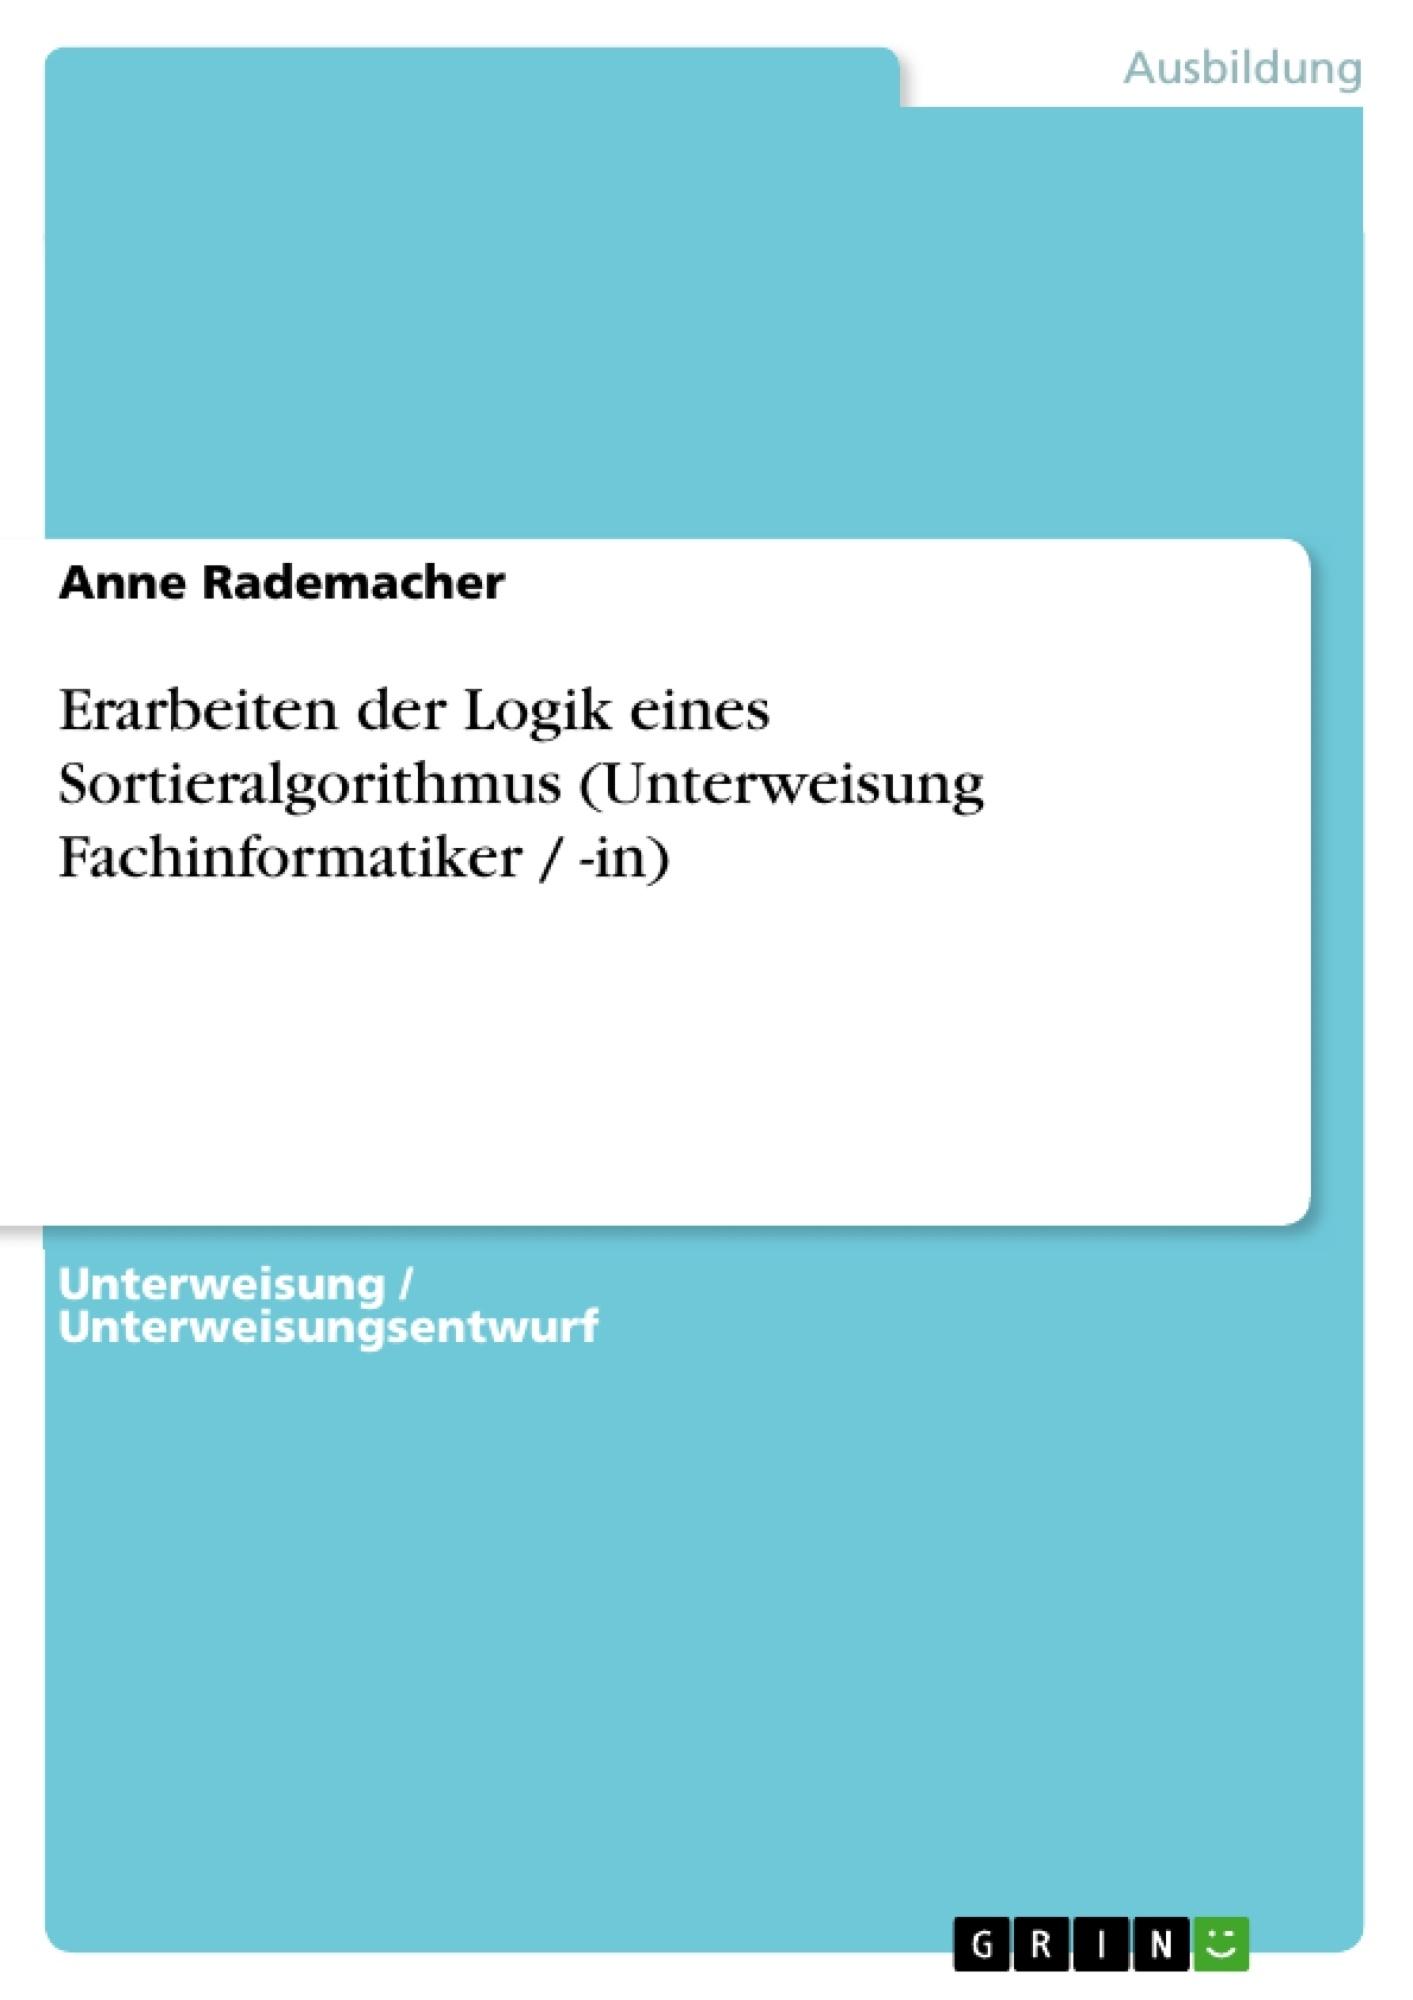 Titel: Erarbeiten der Logik eines Sortieralgorithmus (Unterweisung Fachinformatiker / -in)